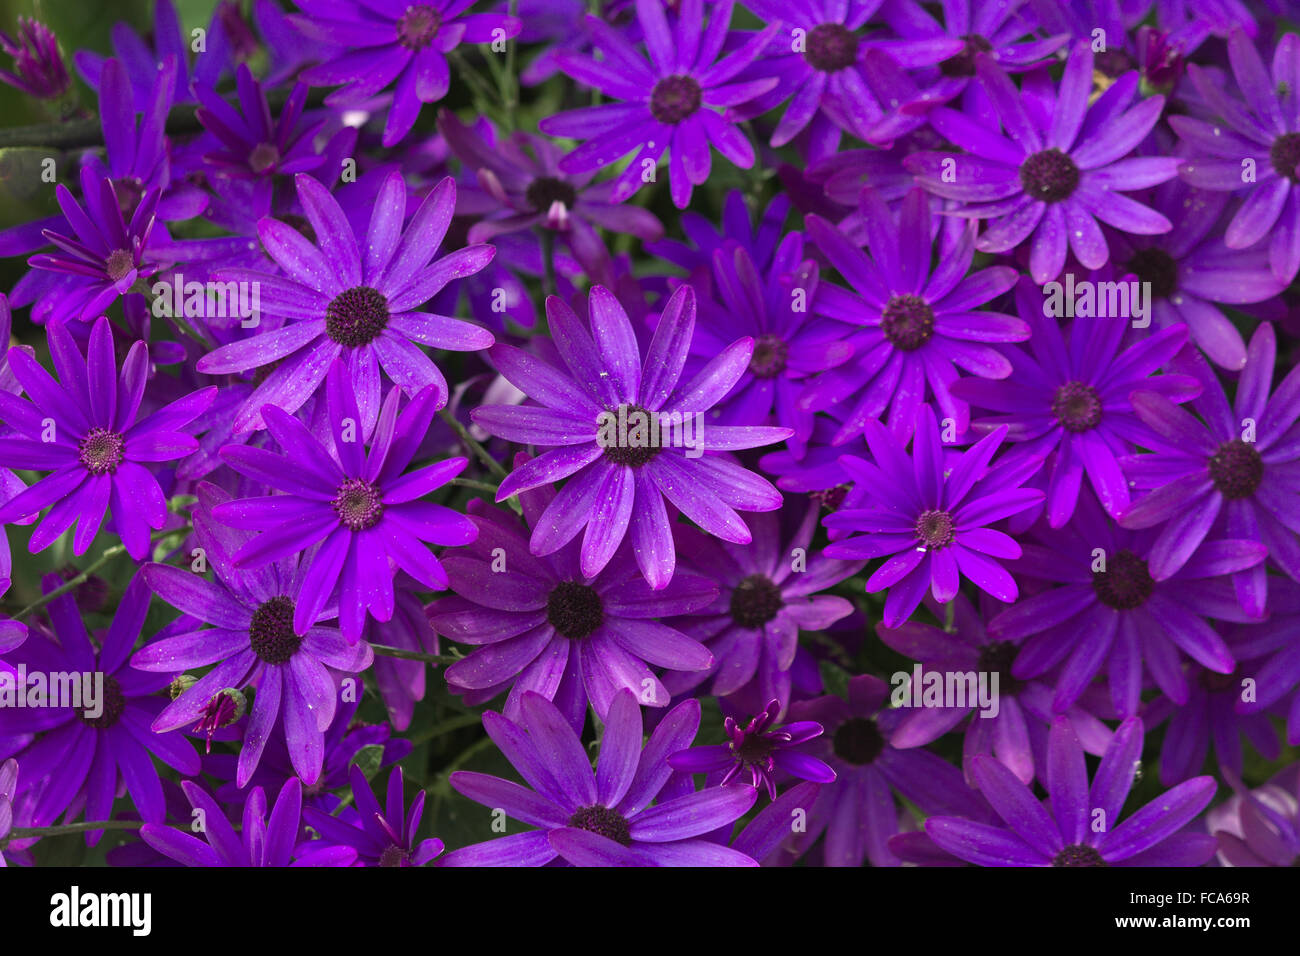 Purple Senetti Flowers - Stock Image